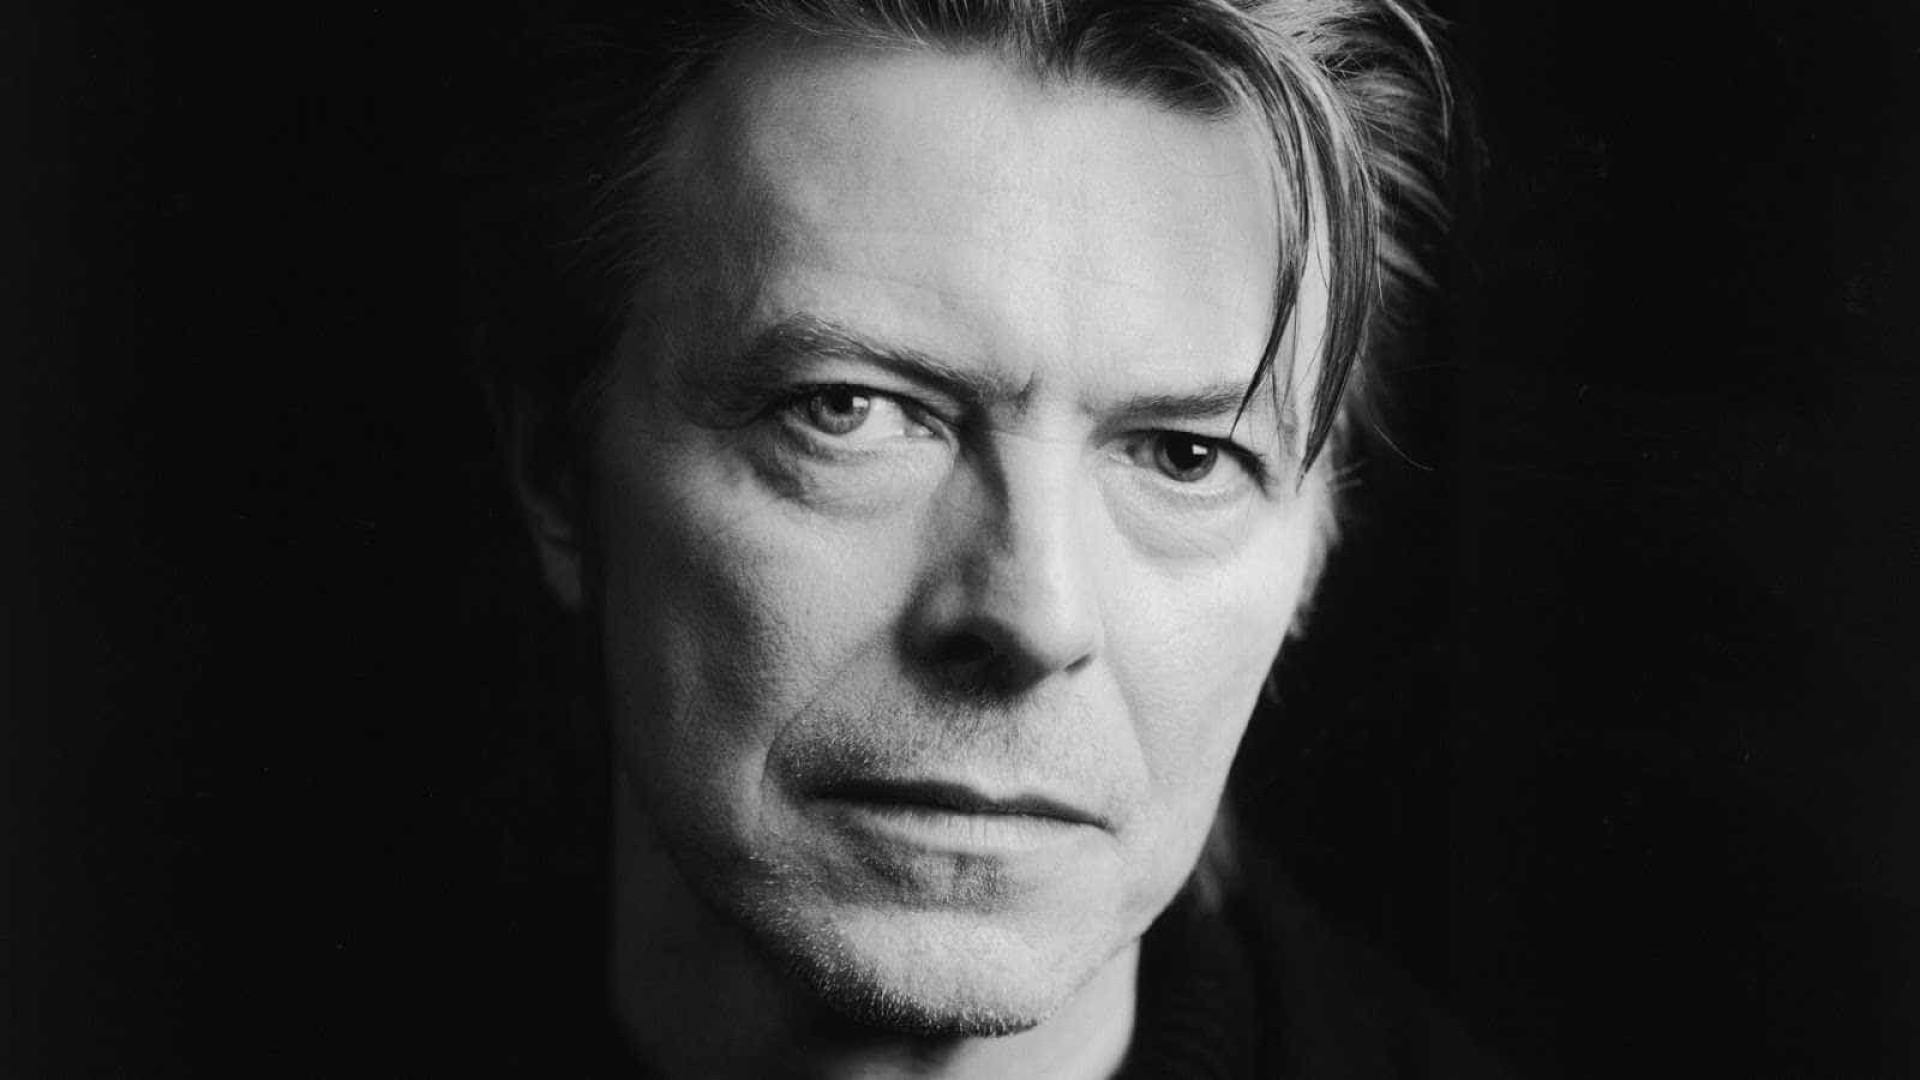 Biografia revela pormenores inéditos sobre a vida sexual de David Bowie